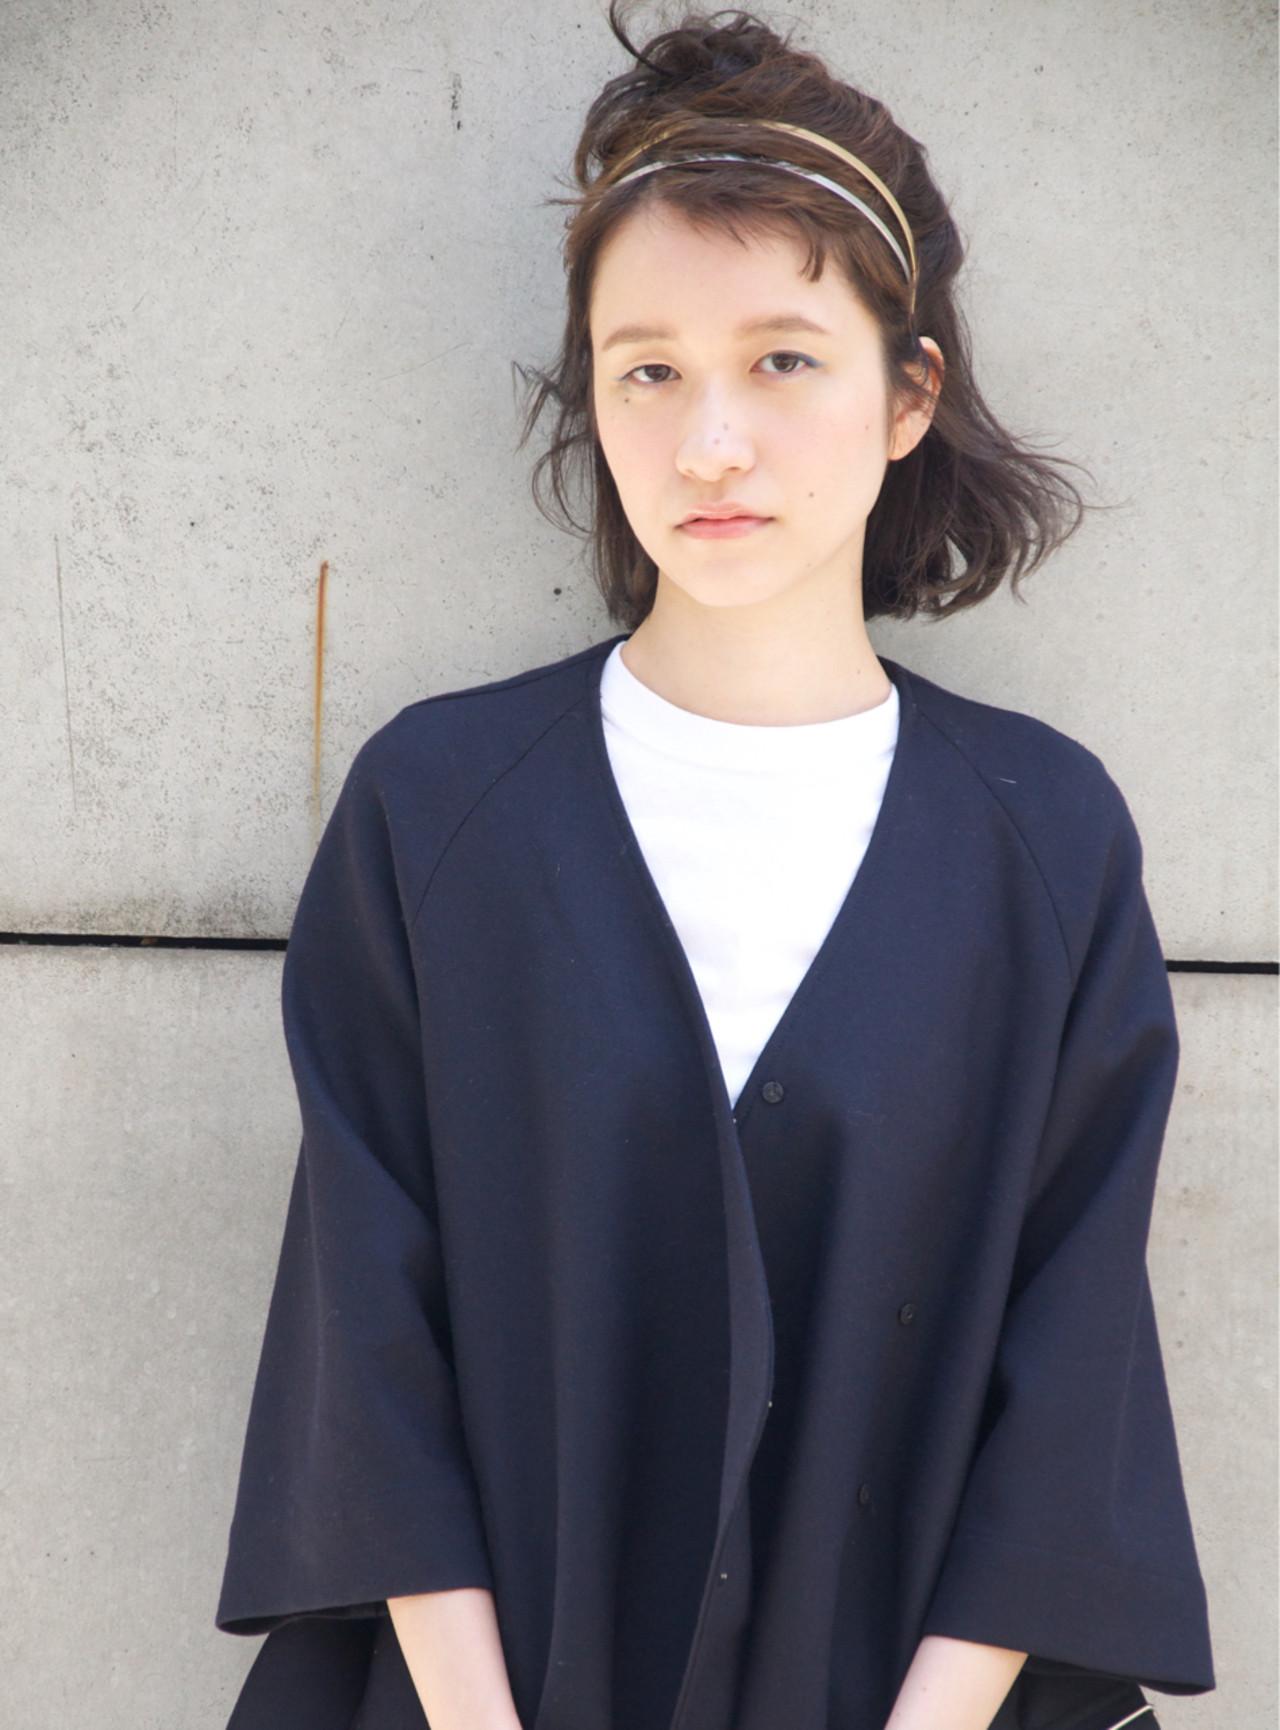 ハーフアップ ショート ヘアアレンジ 簡単ヘアアレンジ ヘアスタイルや髪型の写真・画像 | Chisato Mamada / 5SCENE(ファイブシーン)